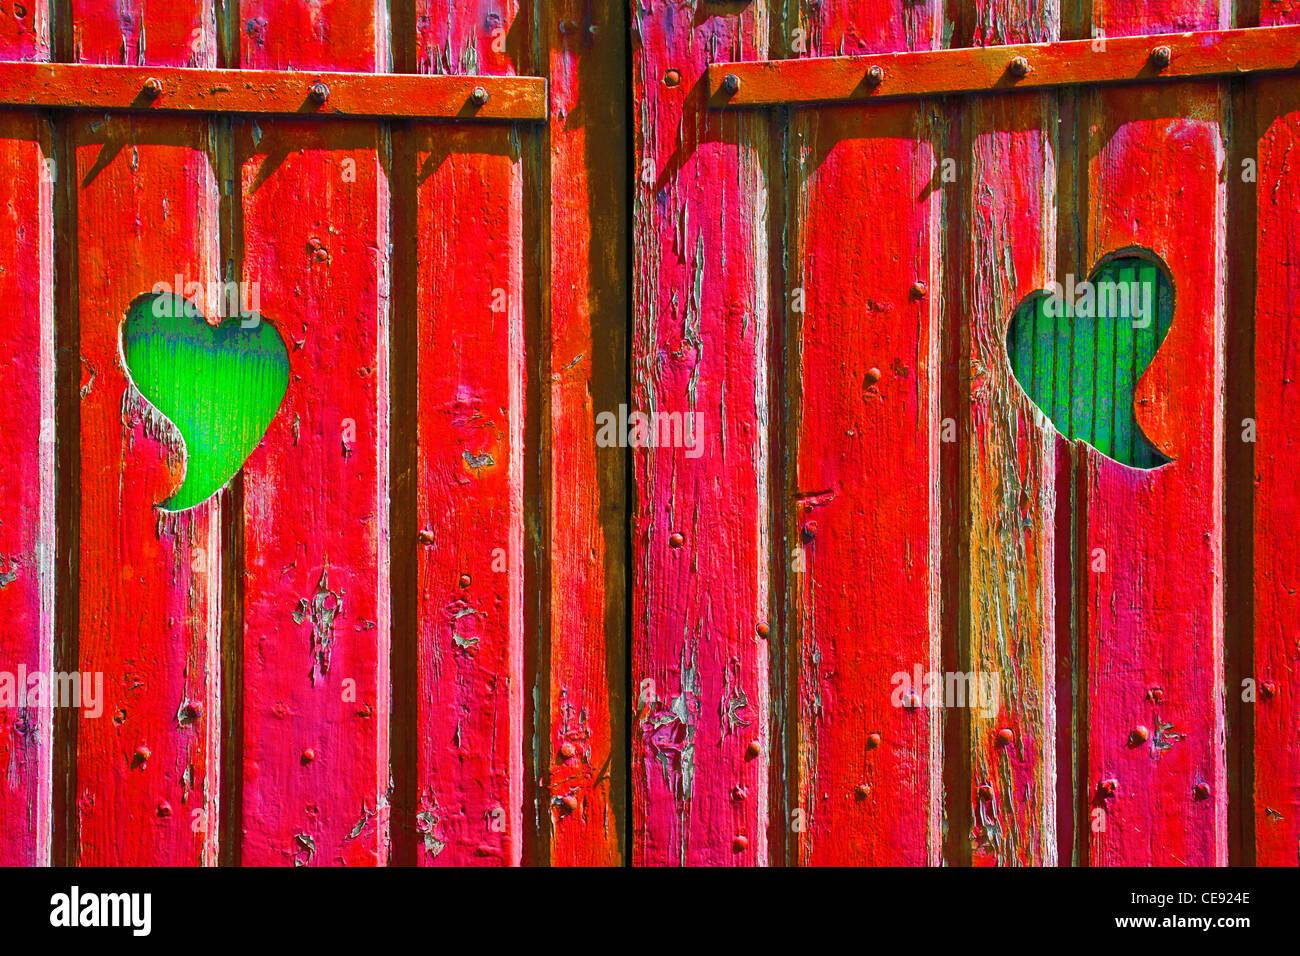 Dos formas de corazón cortadas en una puerta de madera roja, revelando la madera verde detrás, simbólico Imagen De Stock